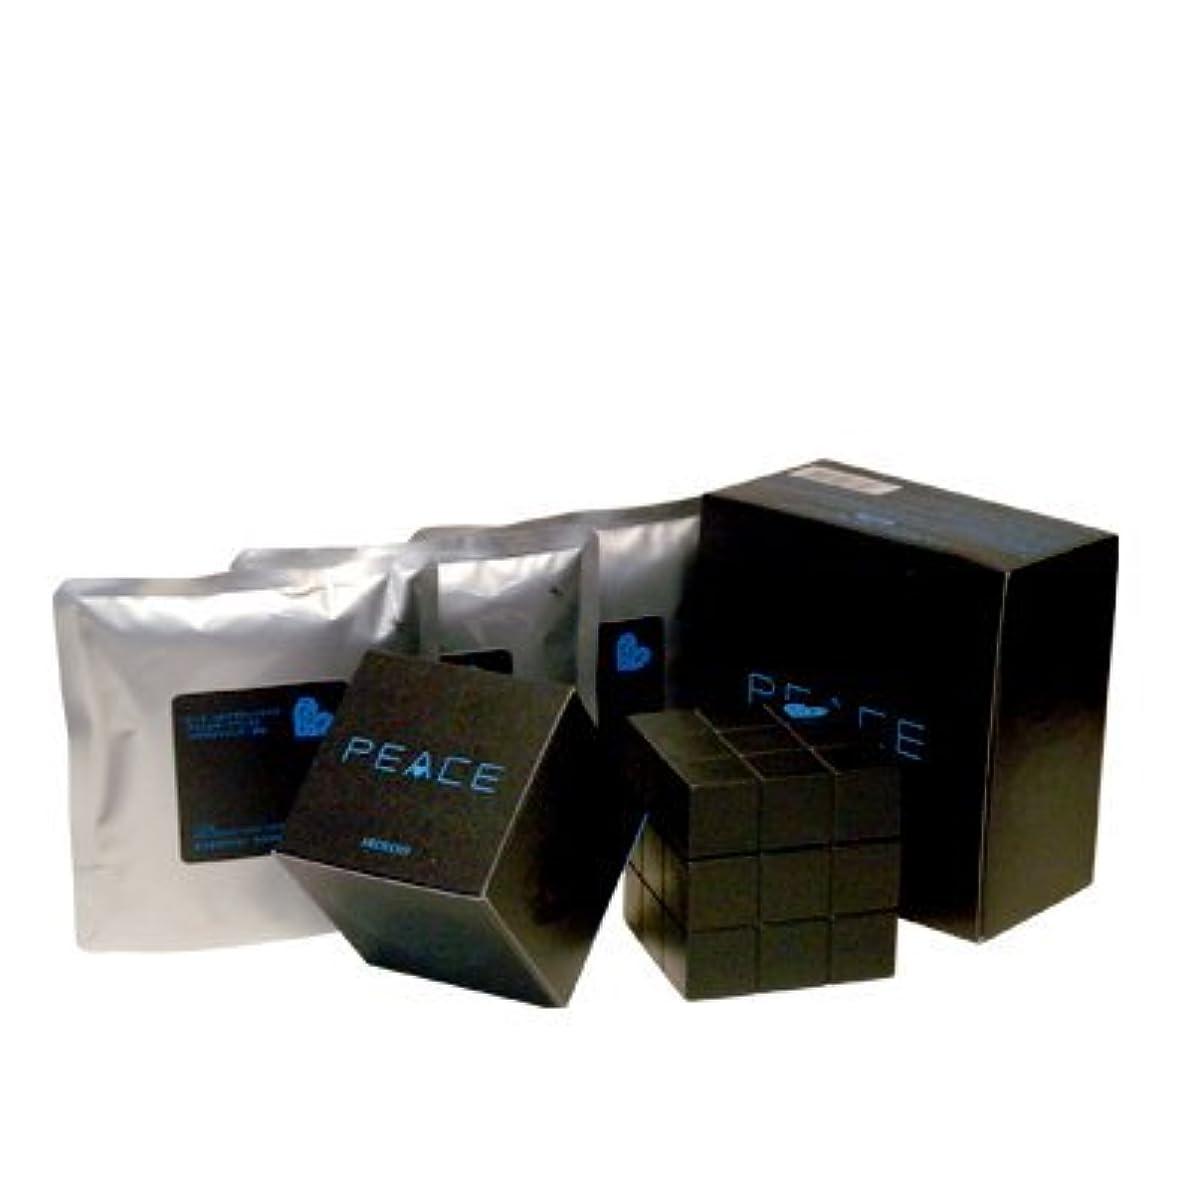 愛情深い考古学不満アリミノ ピース プロデザインシリーズ フリーズキープワックス ブラック80g+詰め替え80g×3